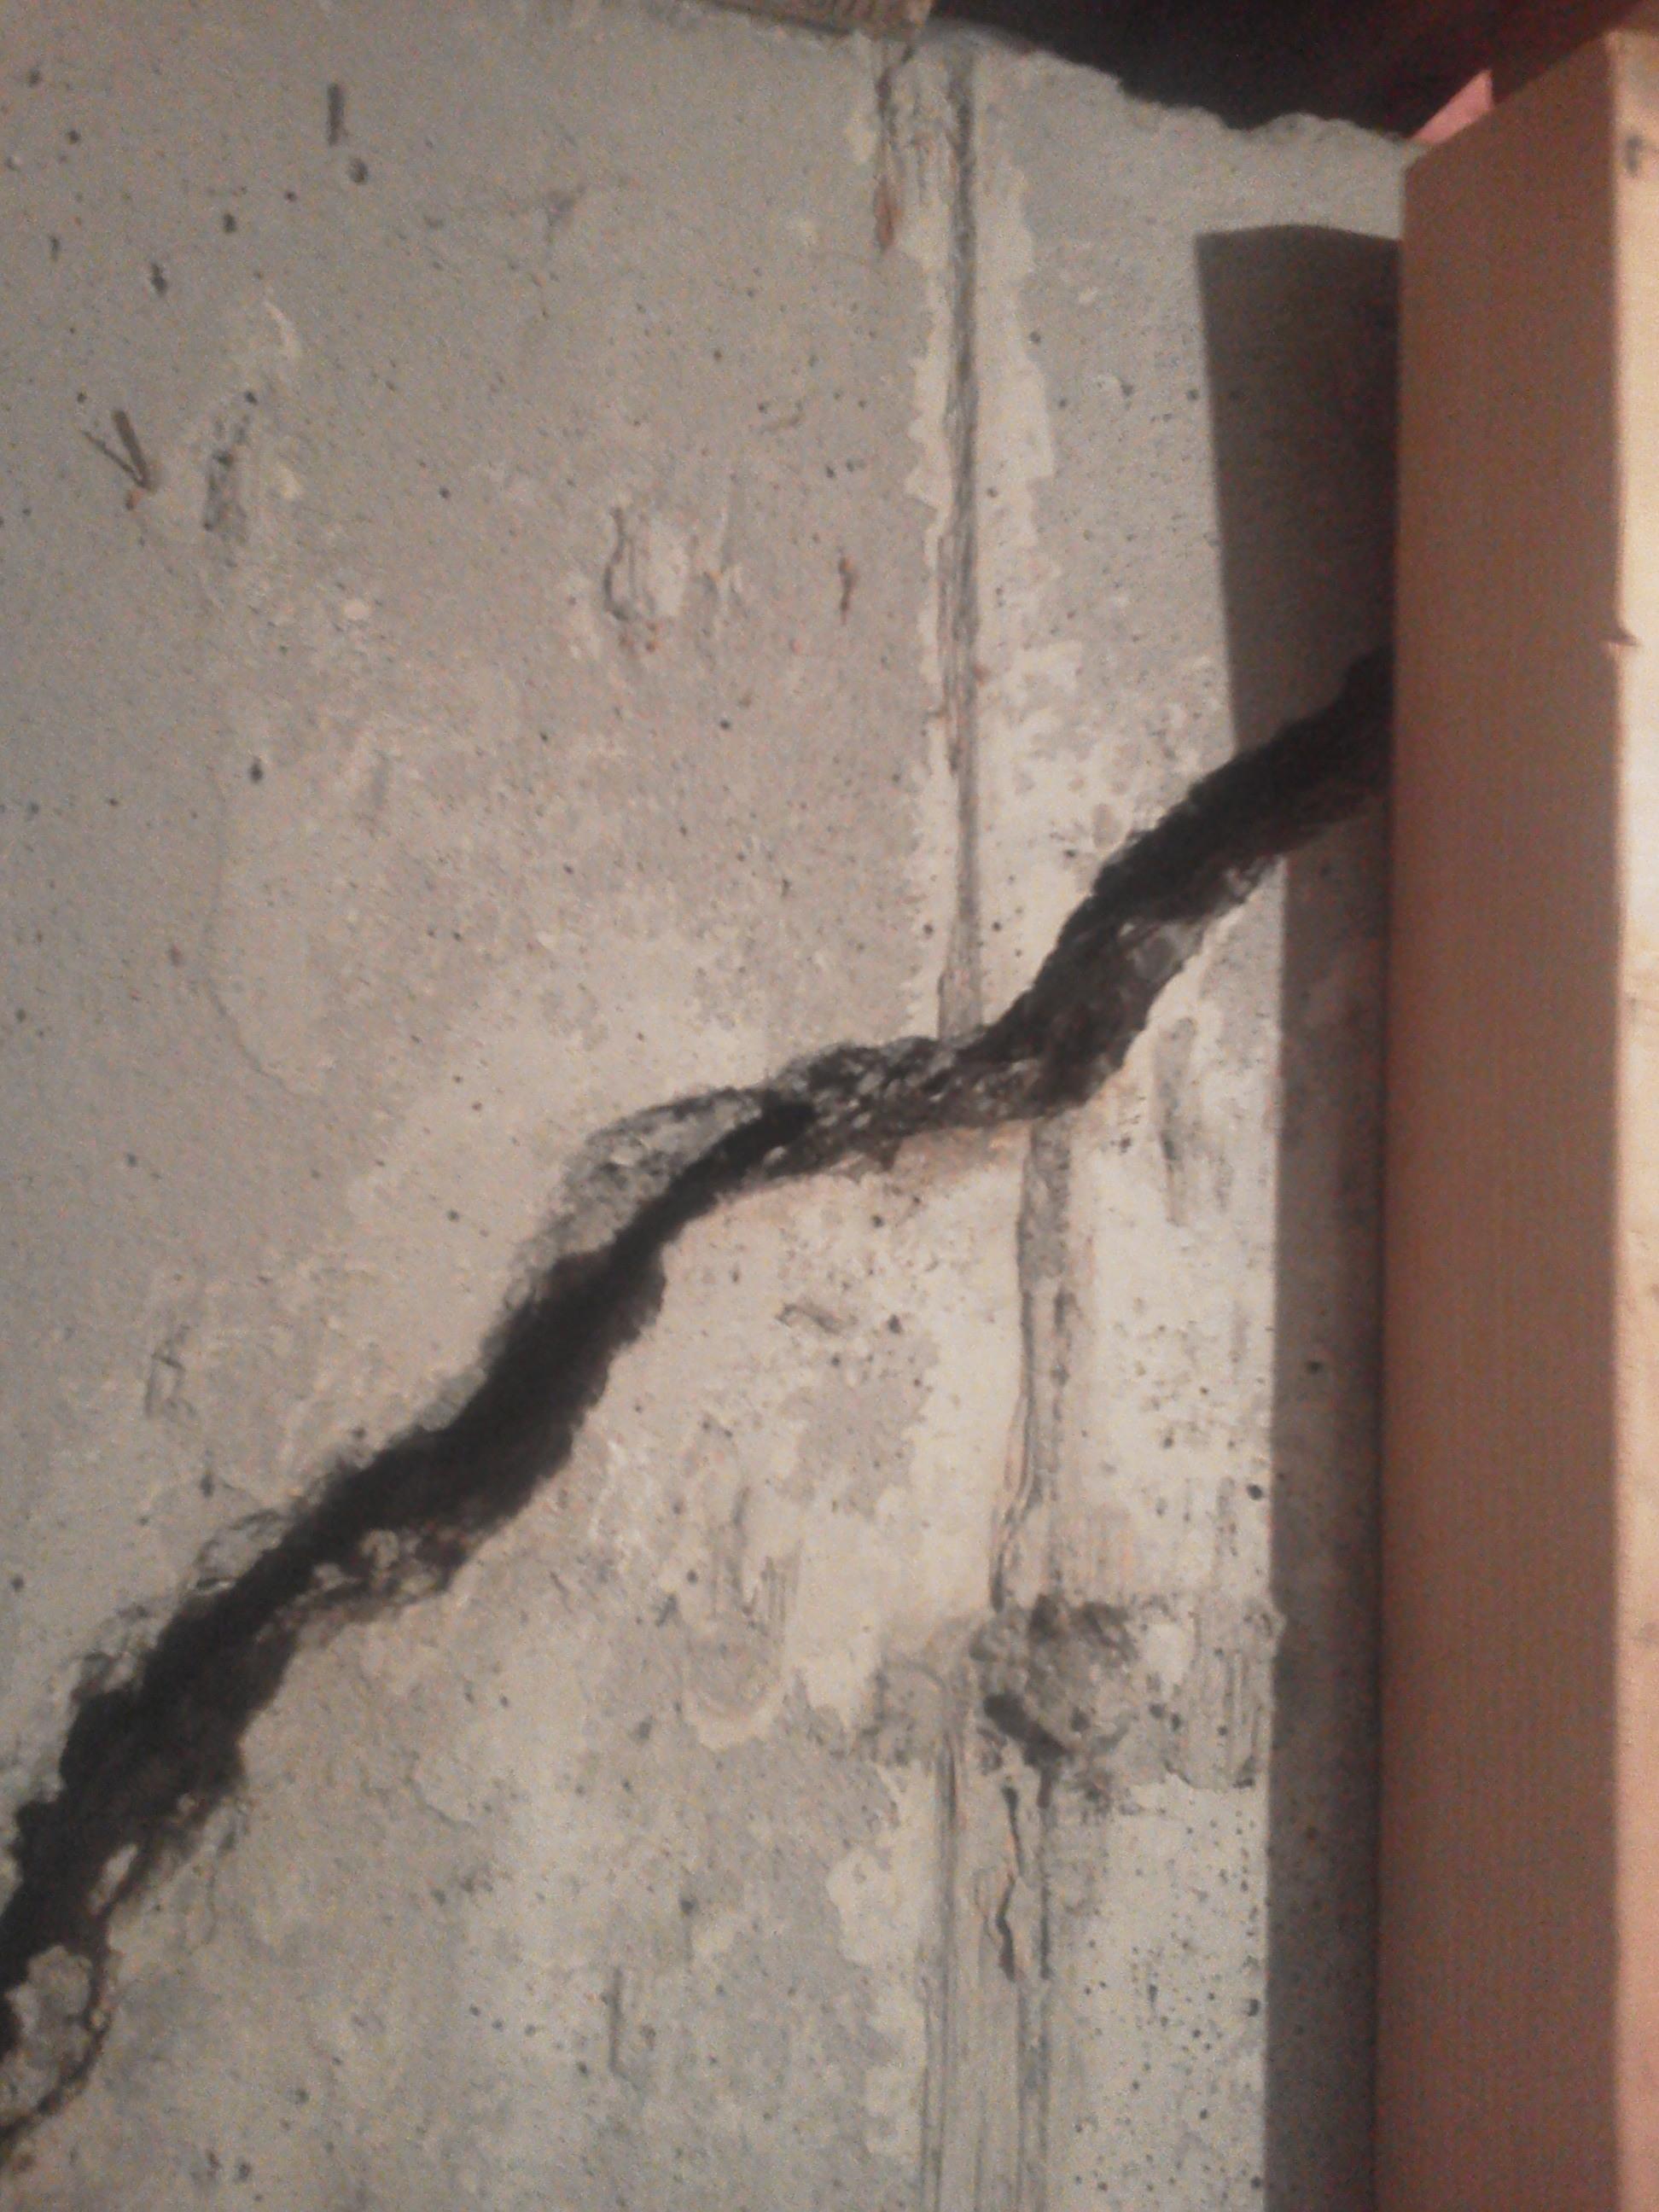 Wall pull crack repair BEFORE